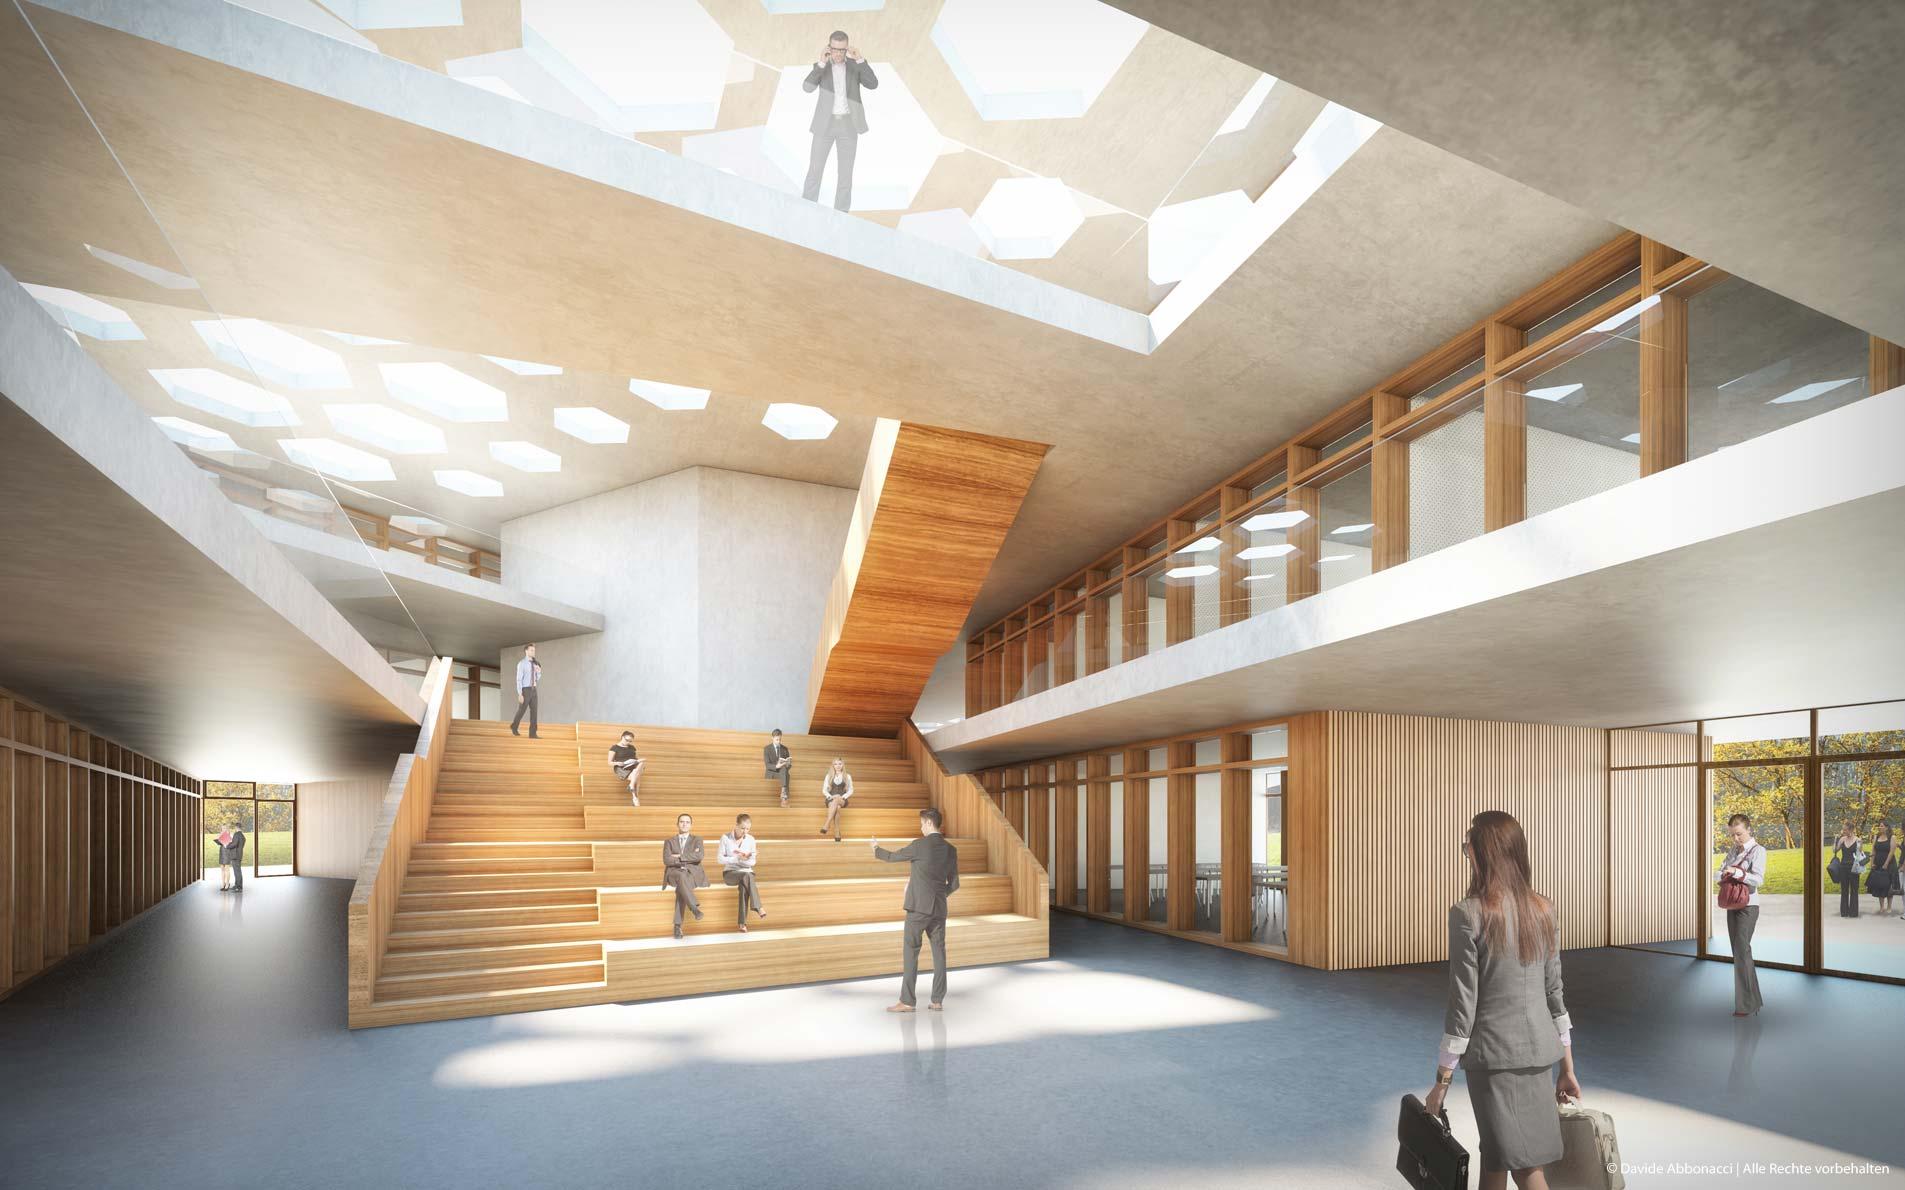 AIZ Erweiterung, Bonn-Röttgen | Numrich Albrecht Klumpp Architekten | 2014 Wettbewerbsvisualisierung